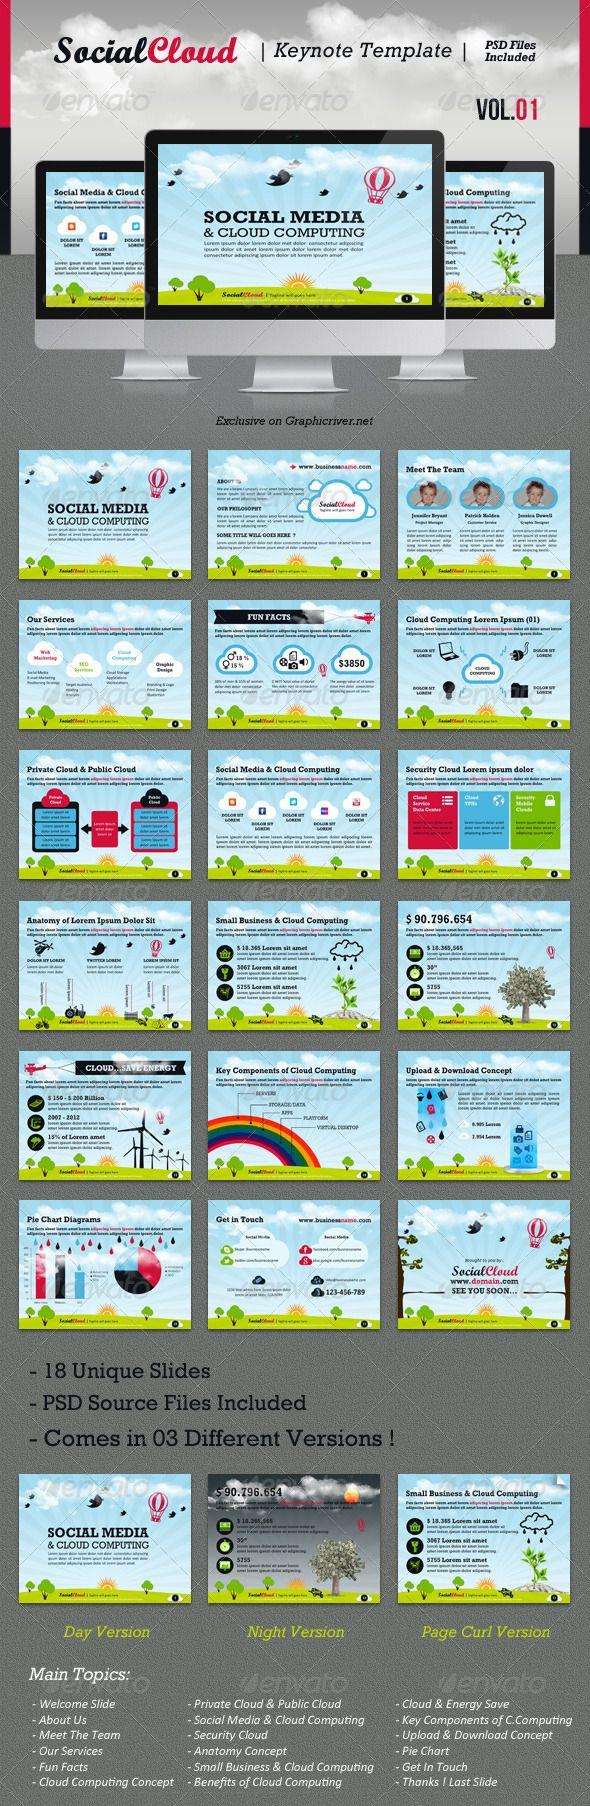 SocialCloud Keynote Template V.01 - GraphicRiver Item for Sale